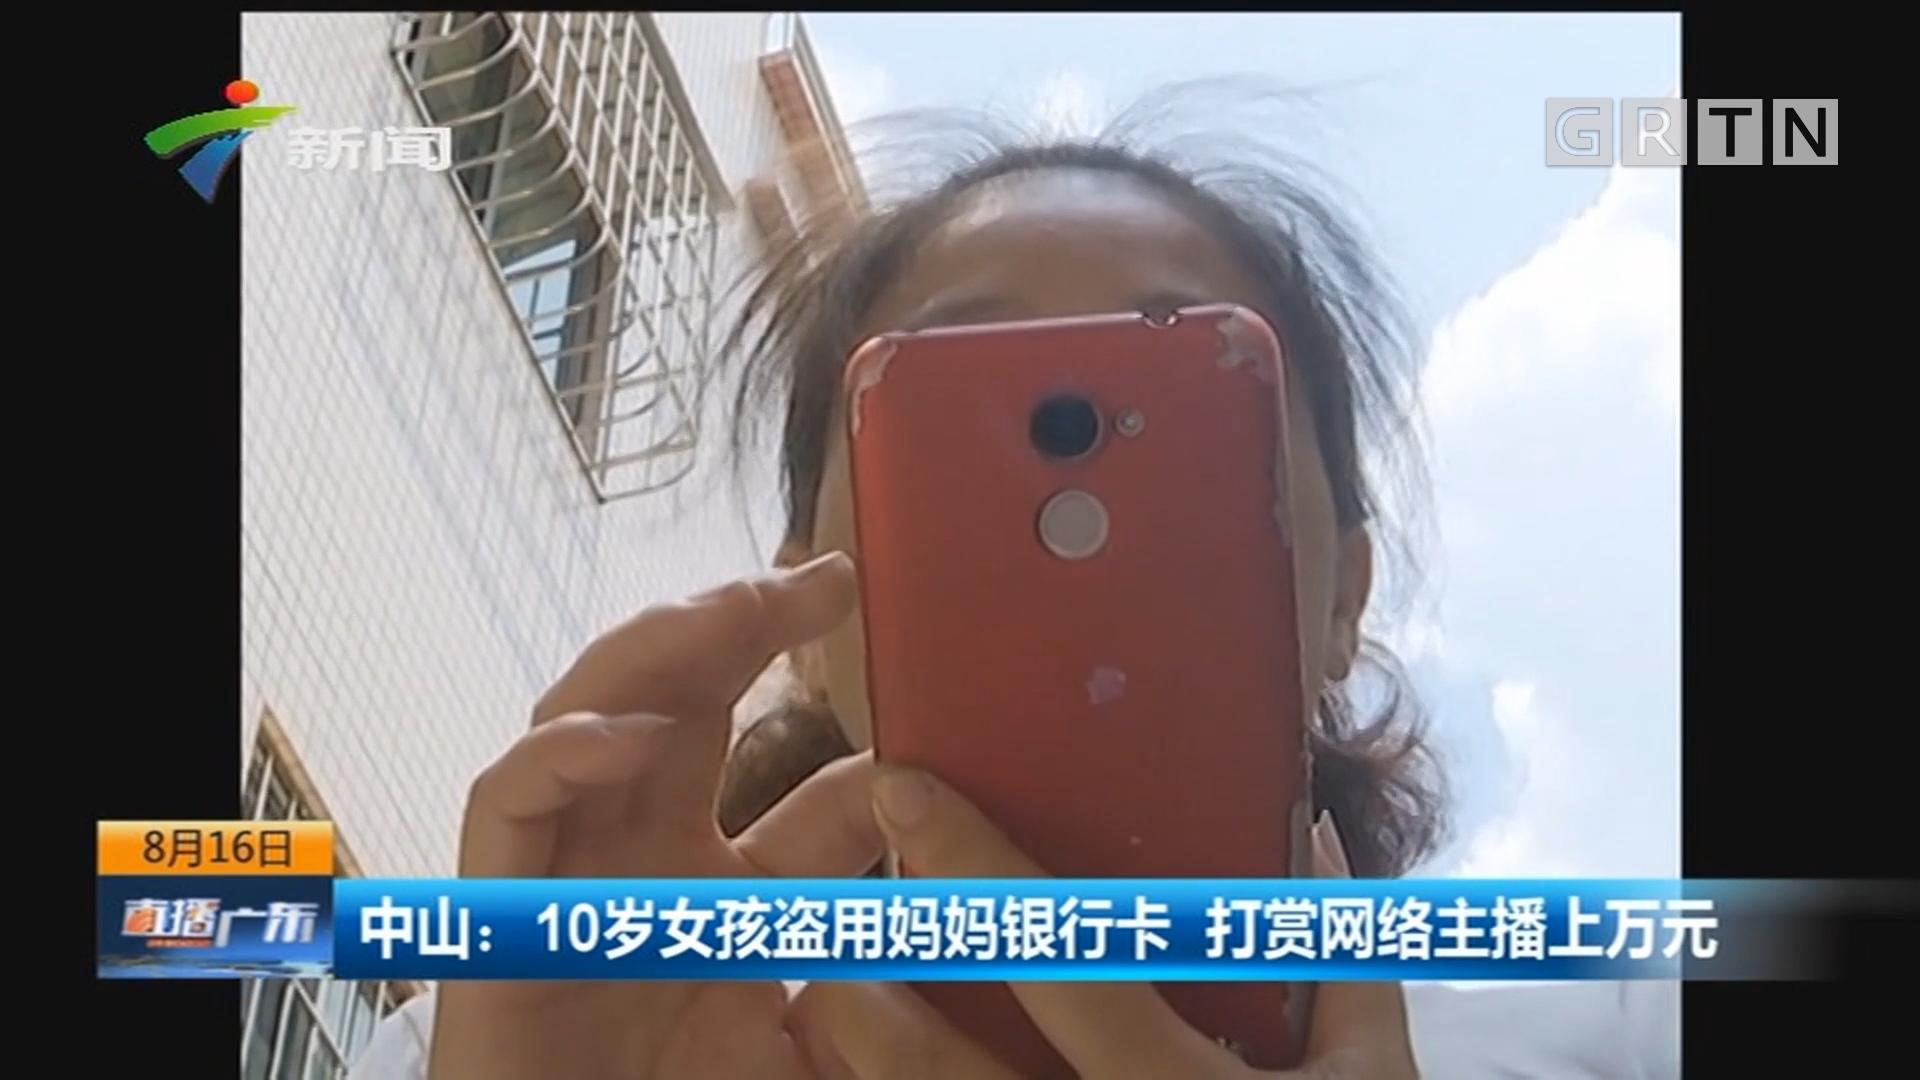 中山:10岁女孩盗用妈妈银行卡 打赏网络主播上万元